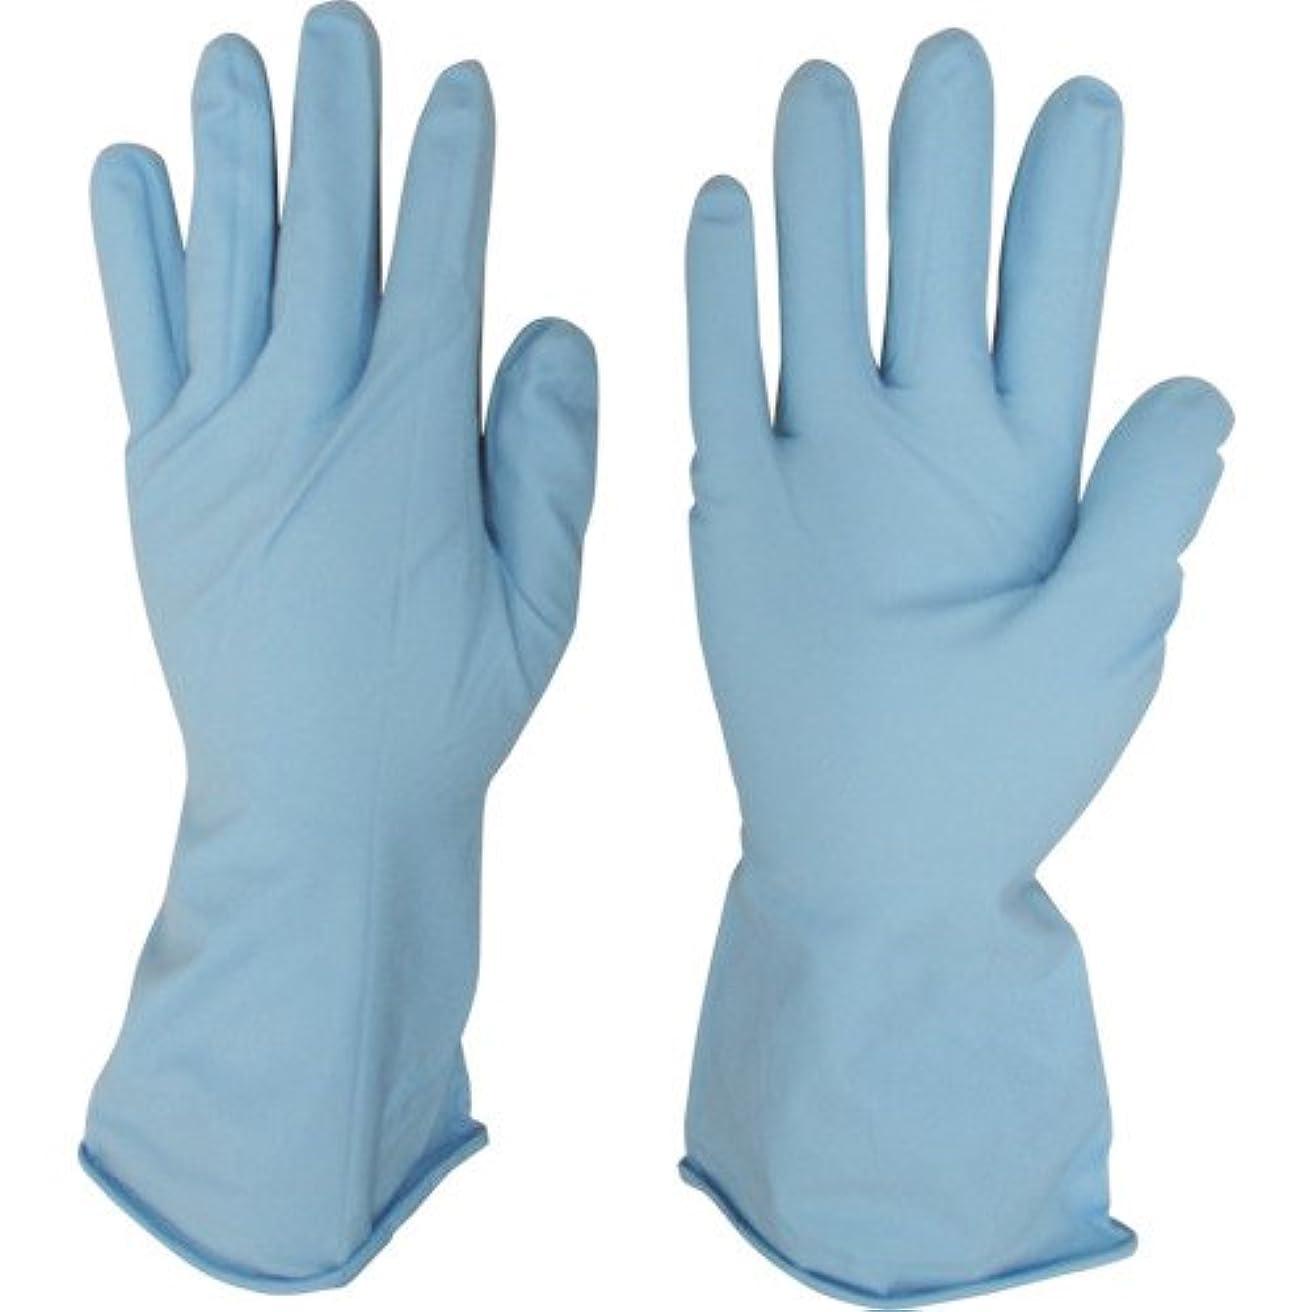 貸す浪費波紋宇都宮製作 作業用手袋 シンガーニトリル薄手手袋 パウダーフリー ブルー 10双入 S